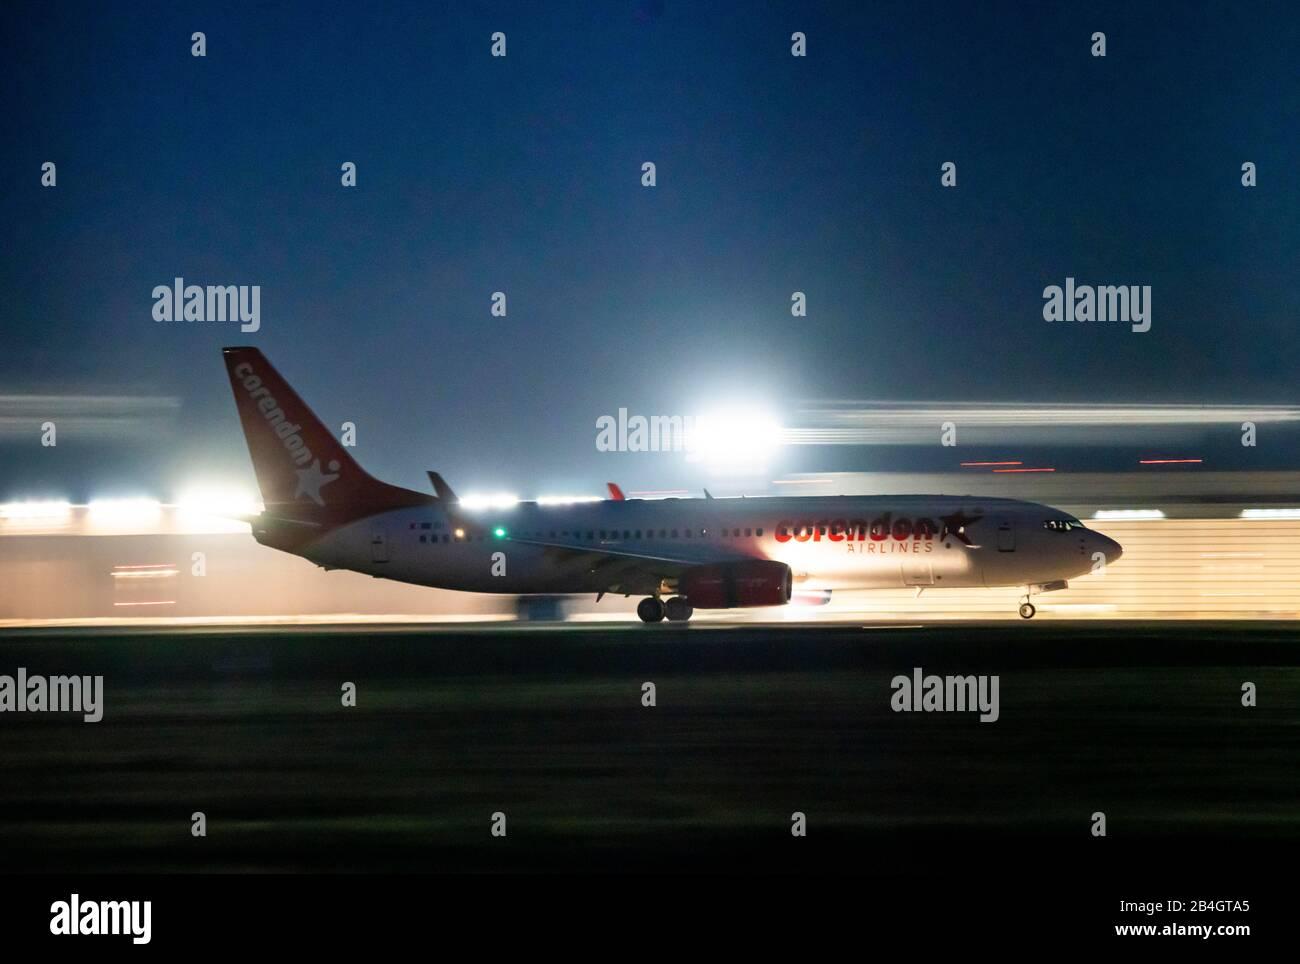 Aeropuerto Internacional de DŸsseldorf, DUS, avión de despegue, Corendon Airlines, Foto de stock